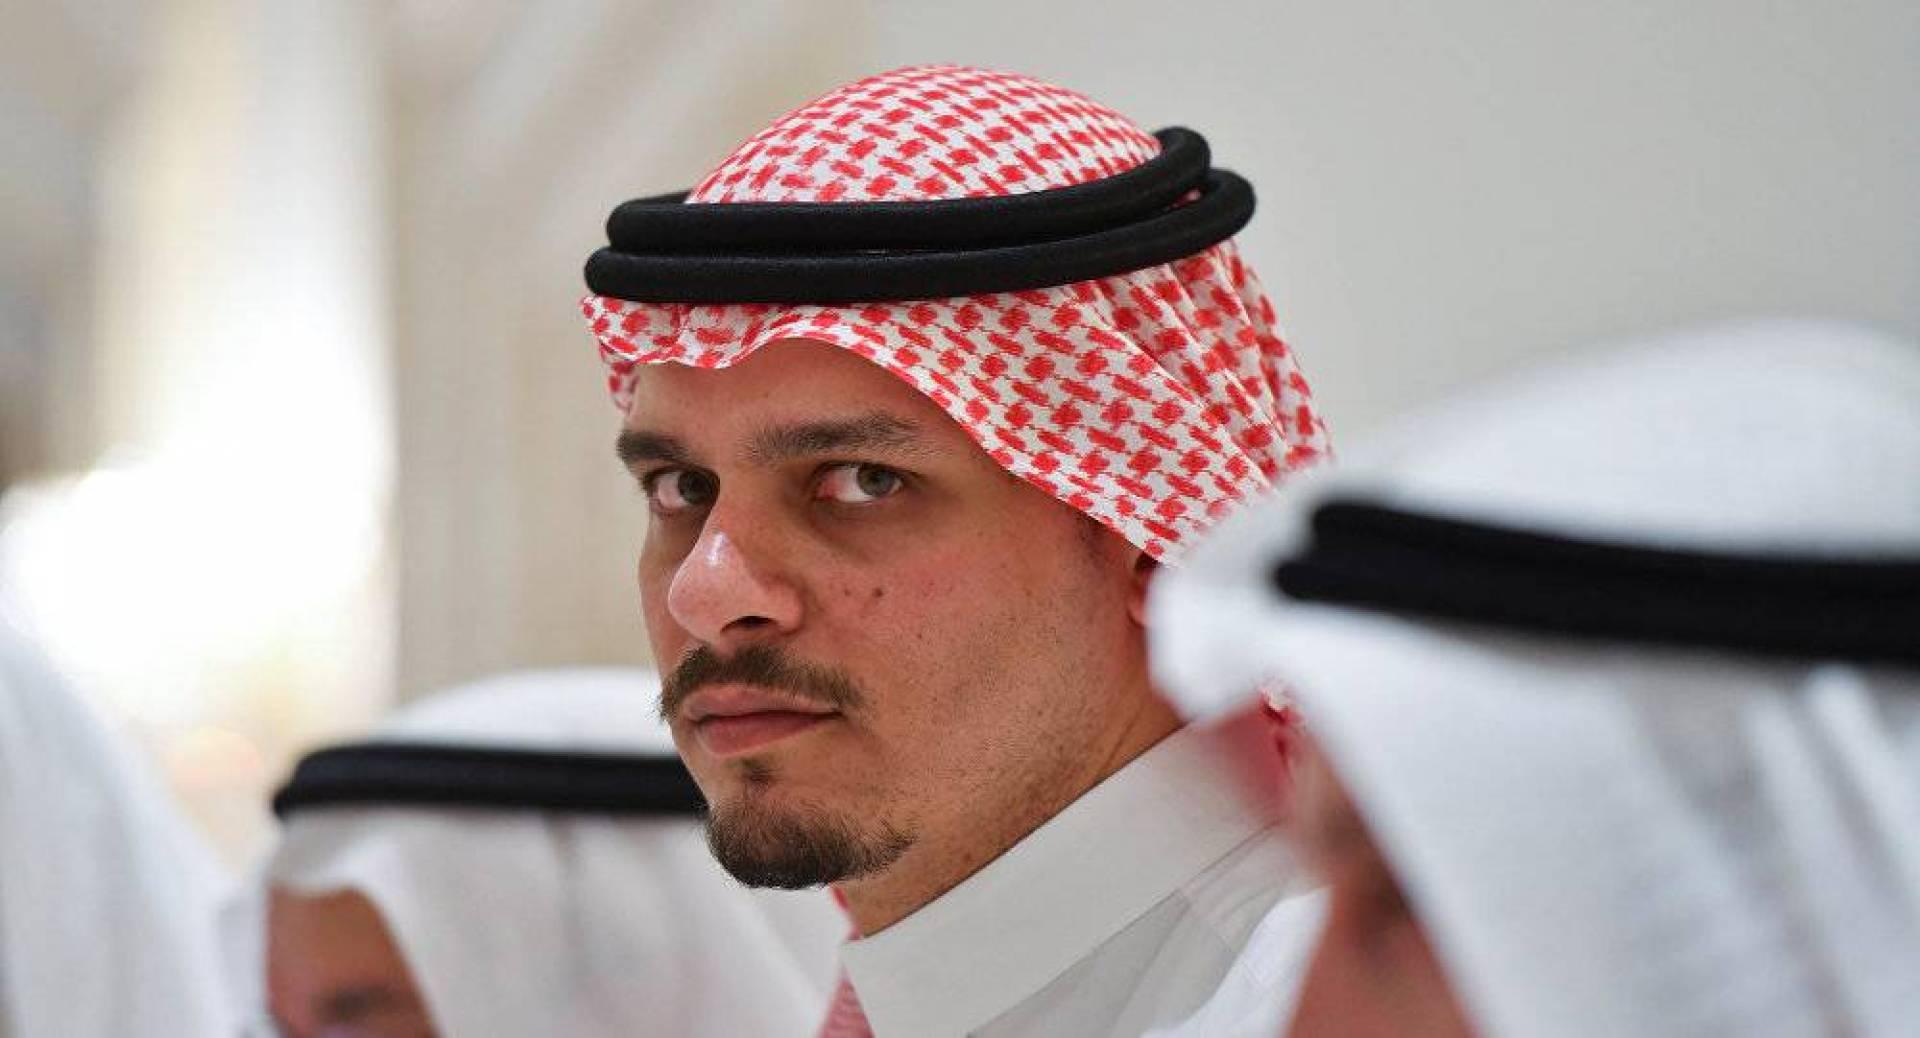 صلاح جمال خاشقجي: خصوم وأعداء الوطن استغلوا قضية والدي